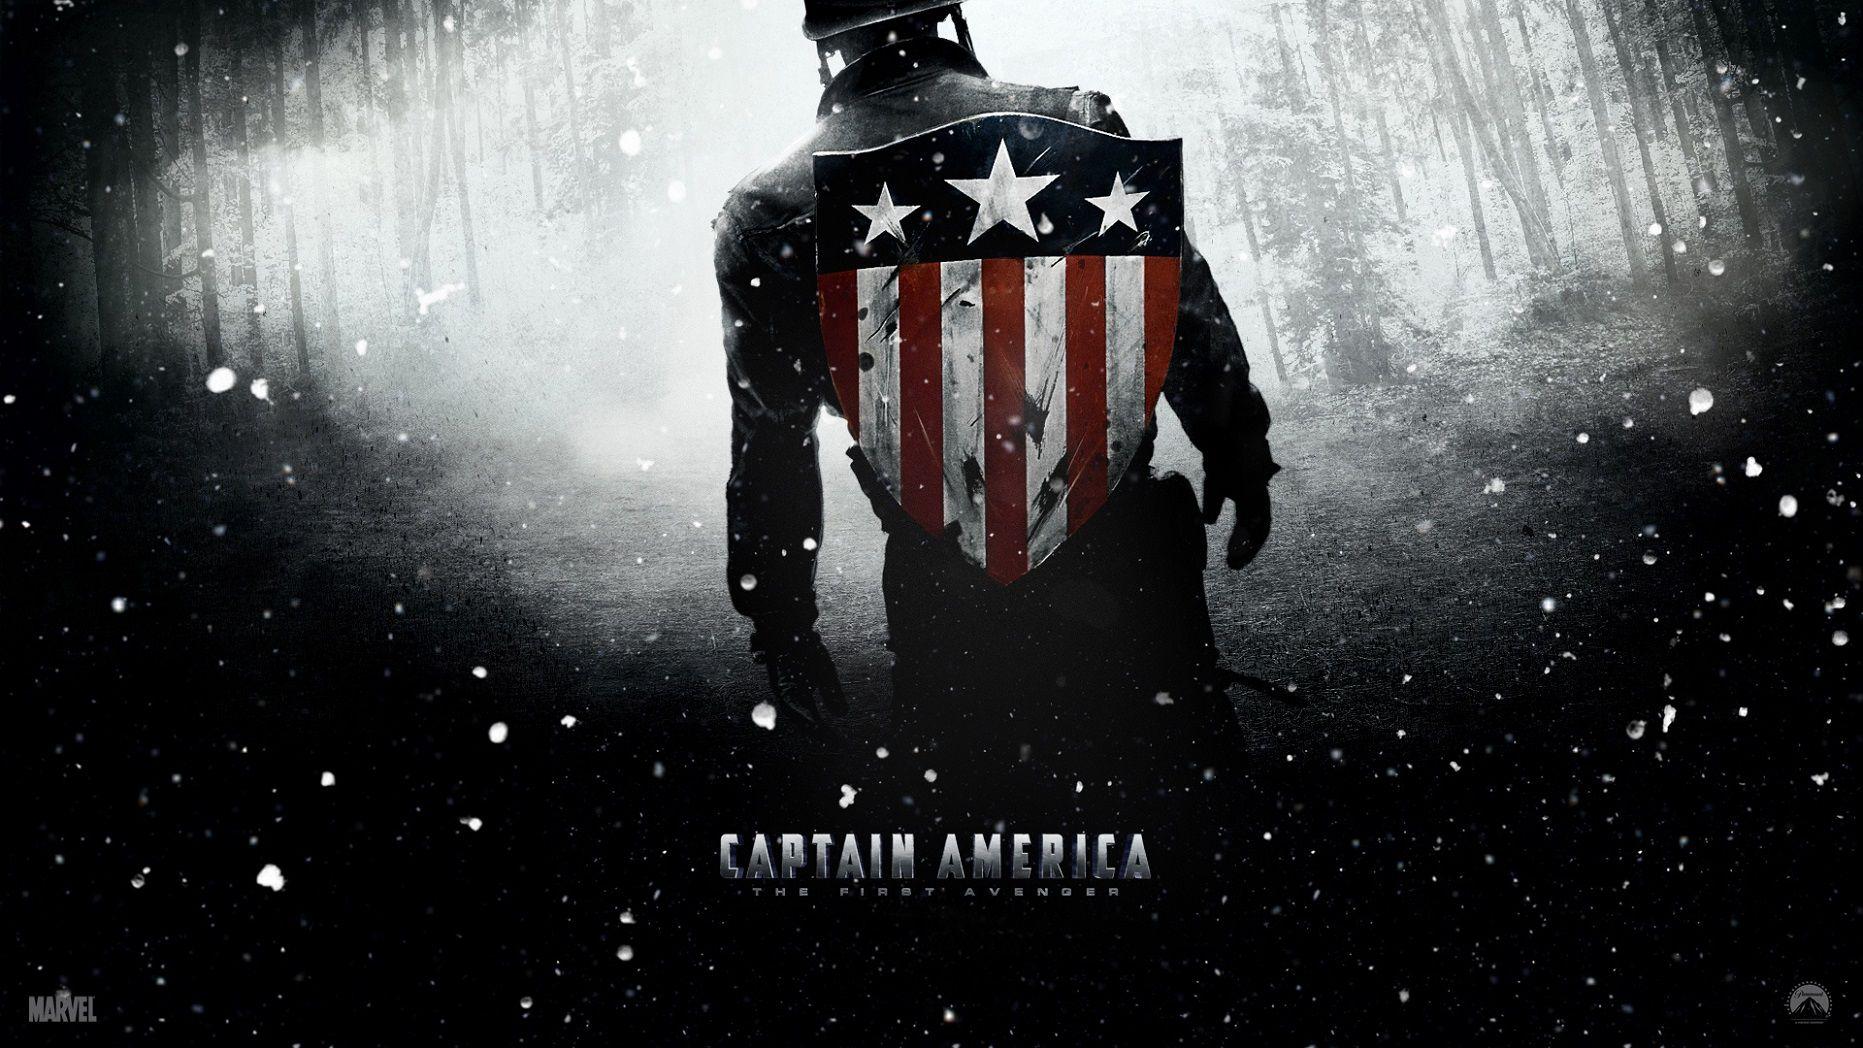 Captain America First Avenger Wallpaper Hd - HD Wallpaper